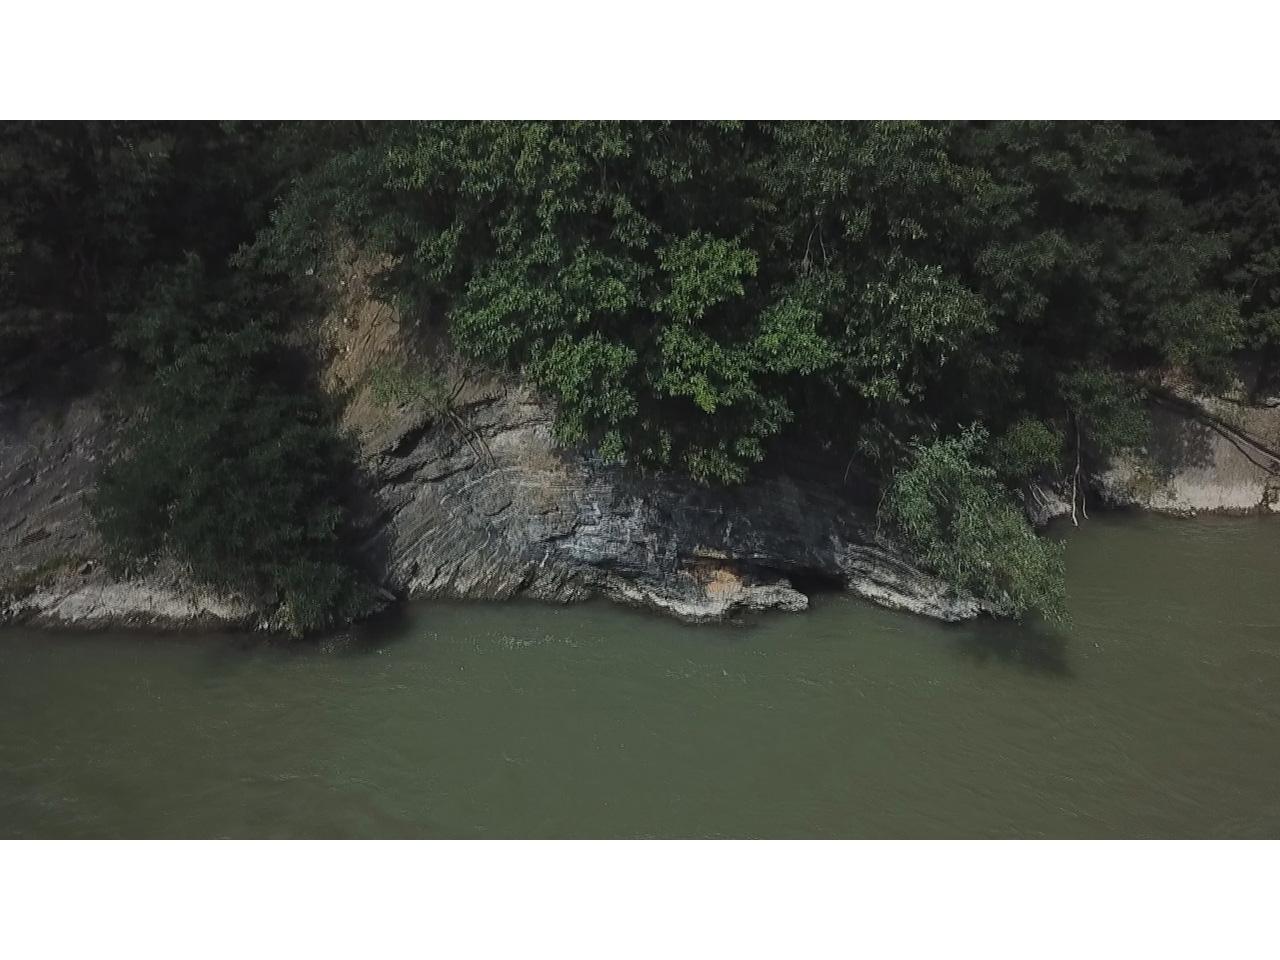 画像:空知川露頭炭層